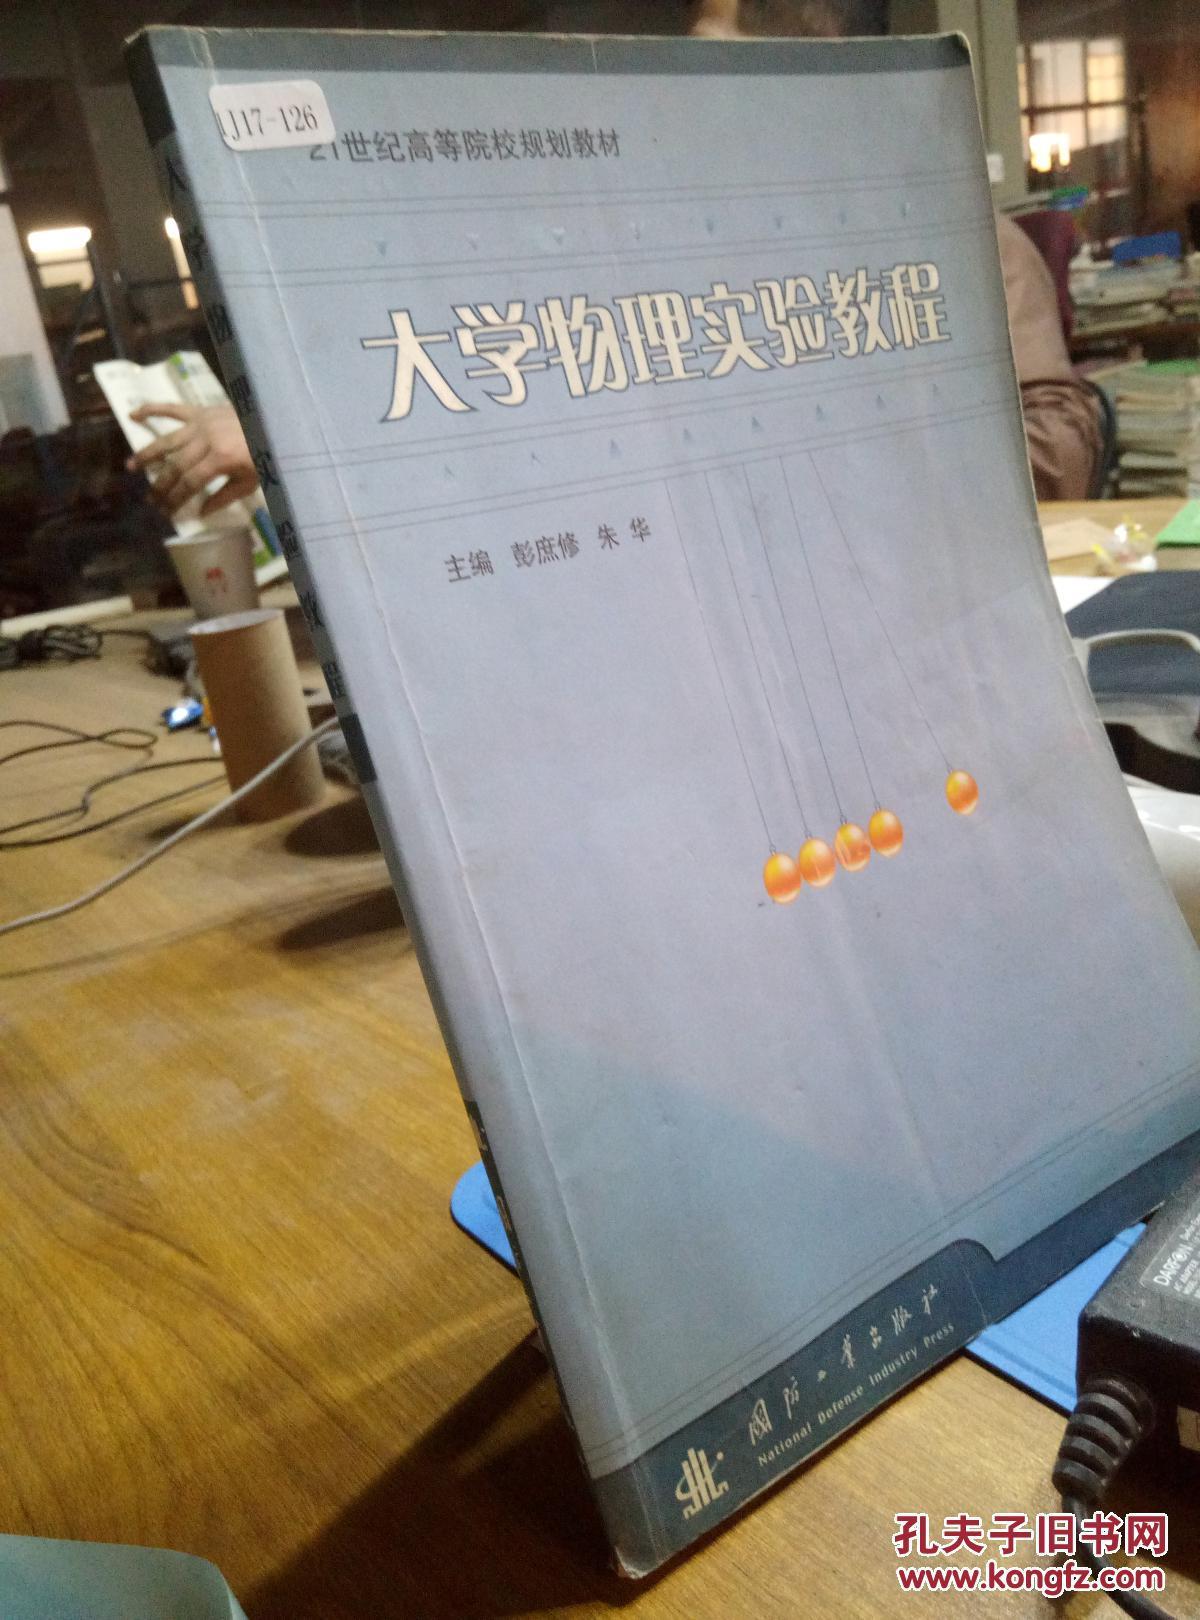 编写景德镇陶瓷学院数学实践物理教学改革的实验课程总结而成.初中版经验人教图片